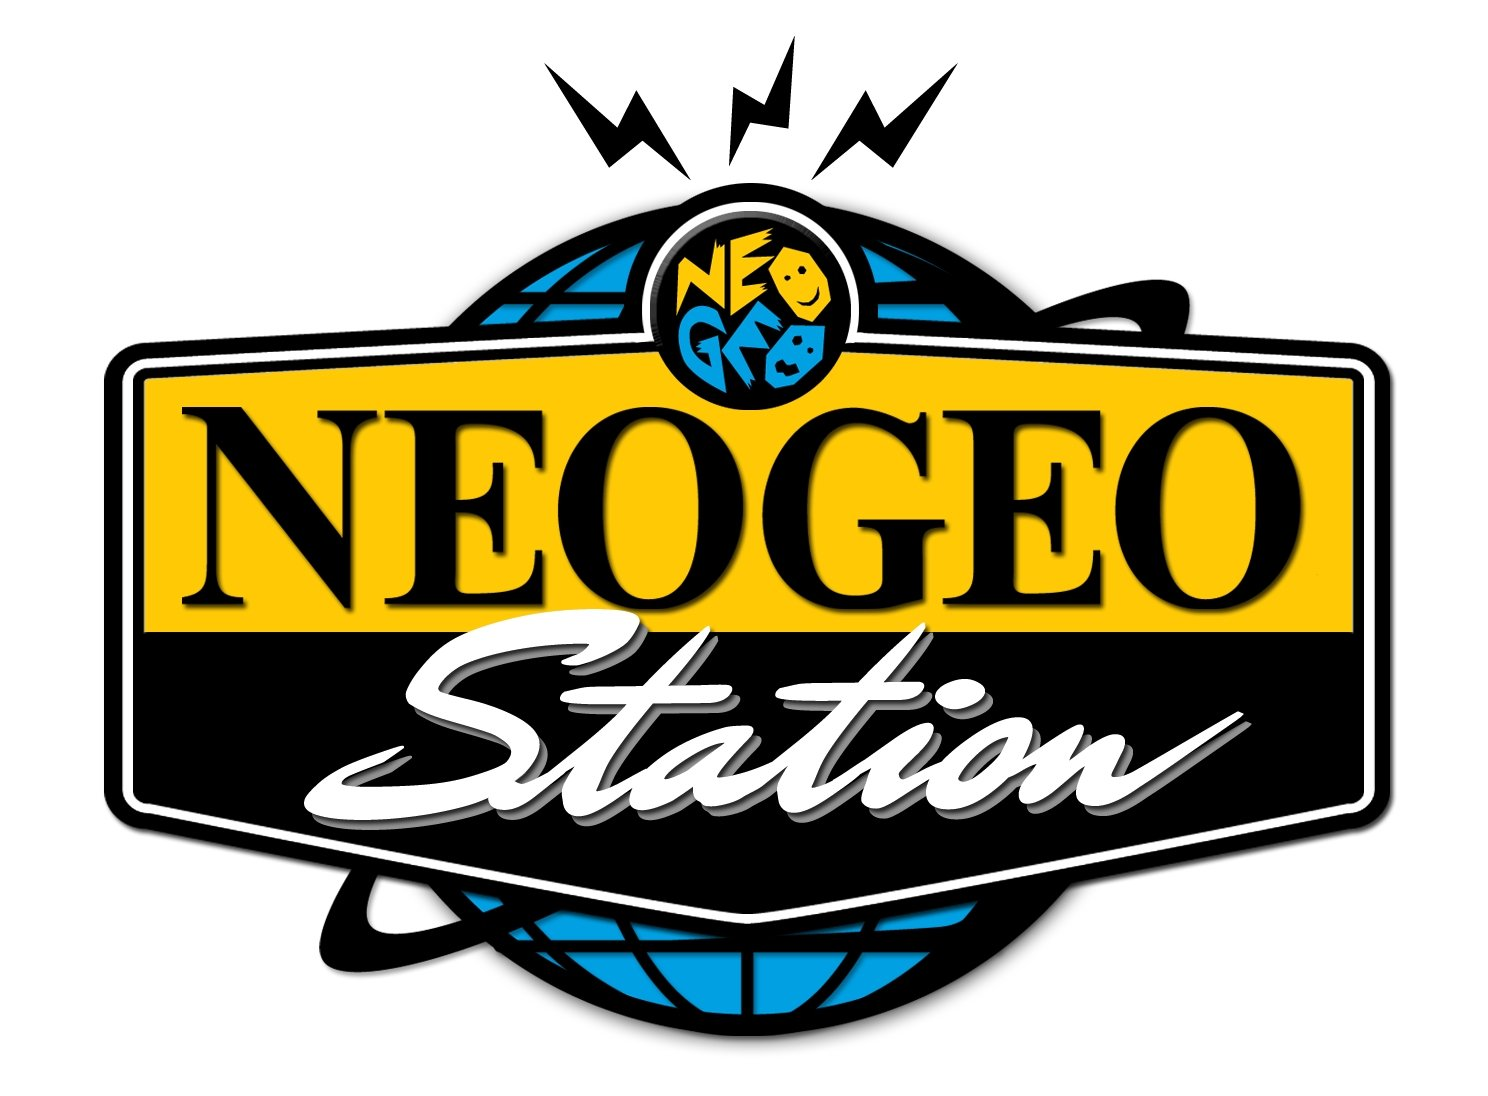 Juegos de Neo Geo llegaran a PSN con soporte online [NEO GEO Station]